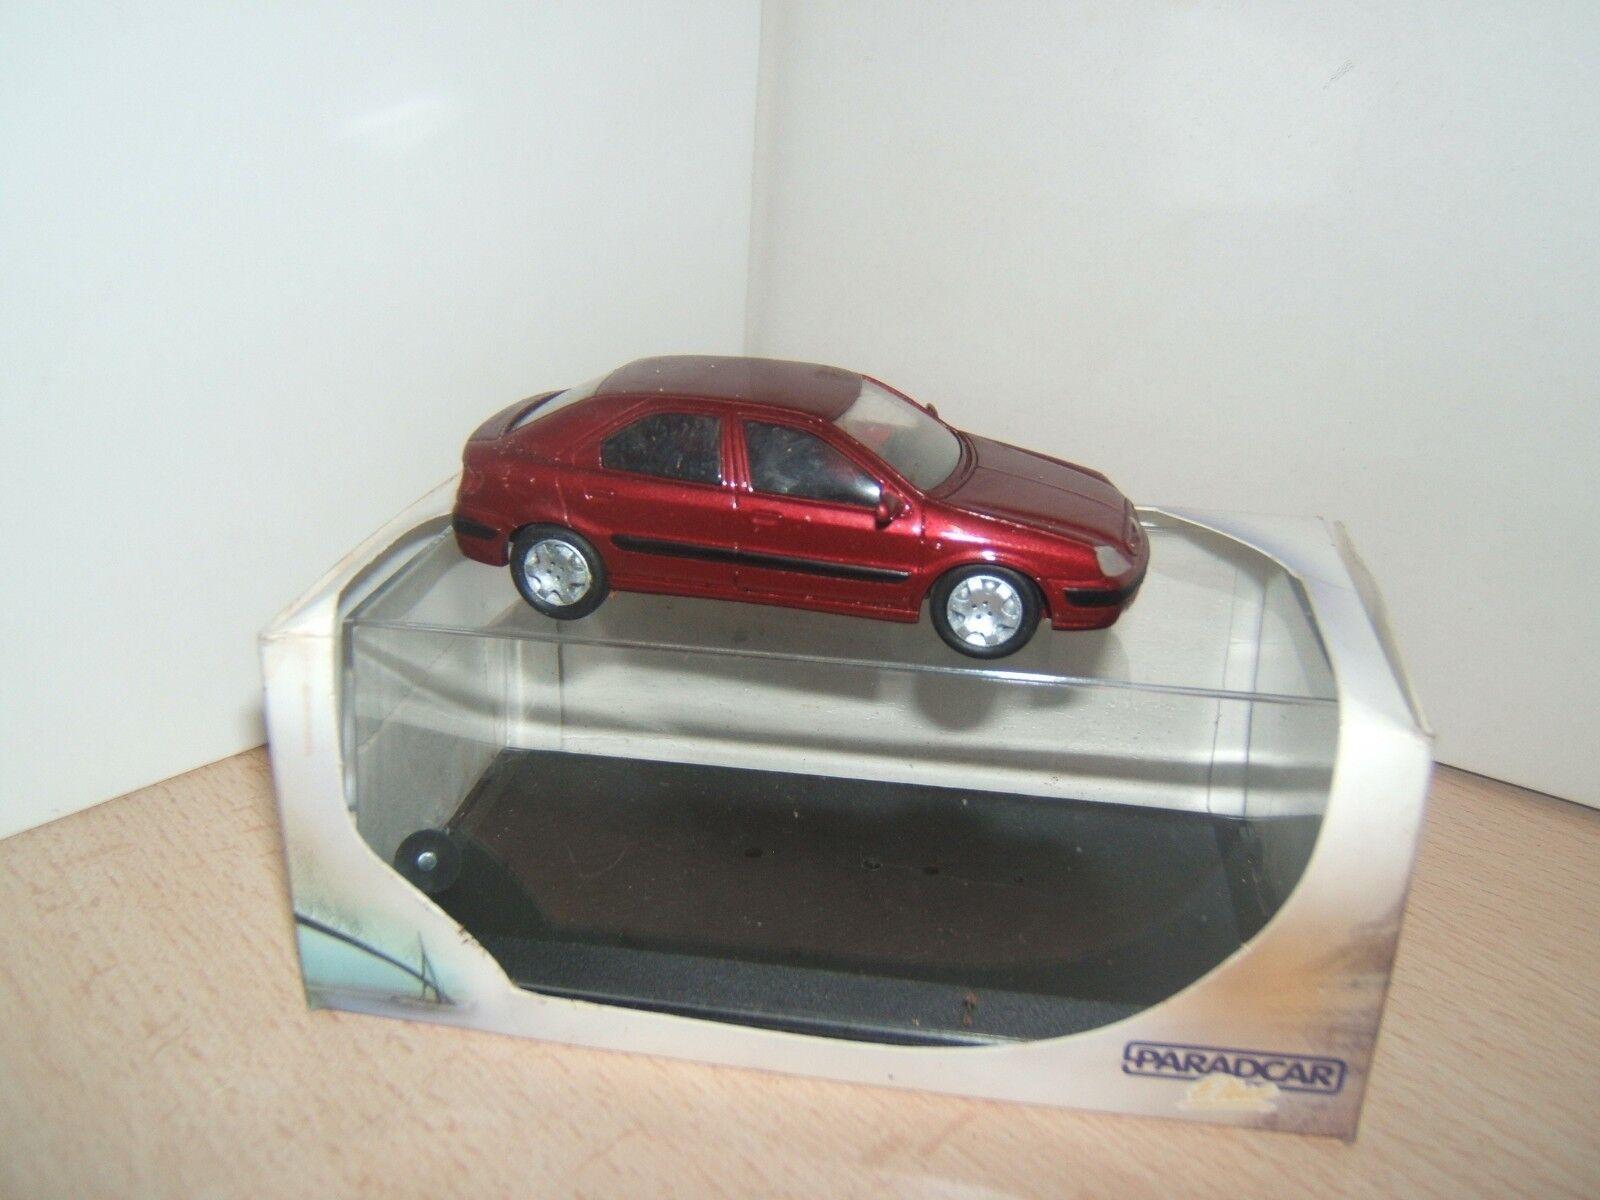 CITROEN  XSARA  4 PORTES 2001    PARADvoiture  1 43  marques en ligne pas cher vente